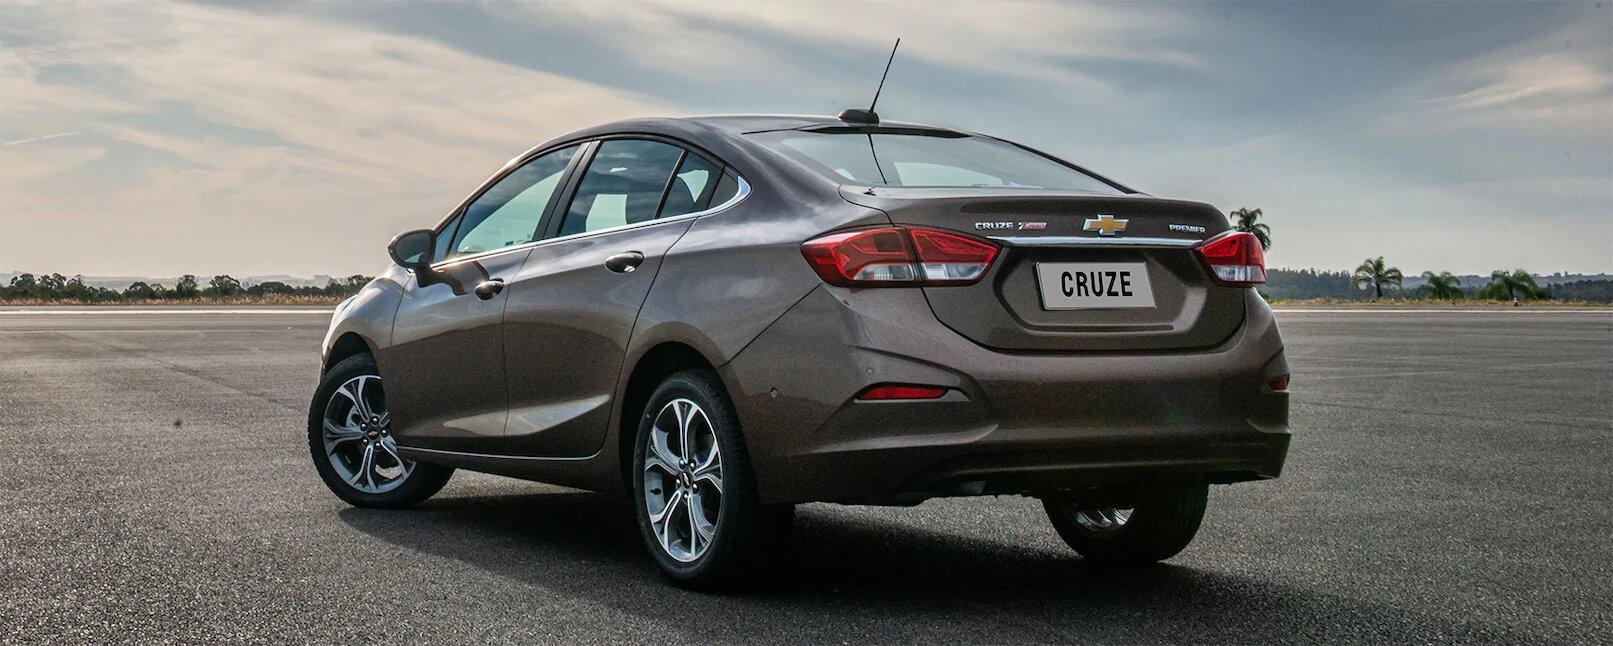 design-cruze-2020-carrossel-3